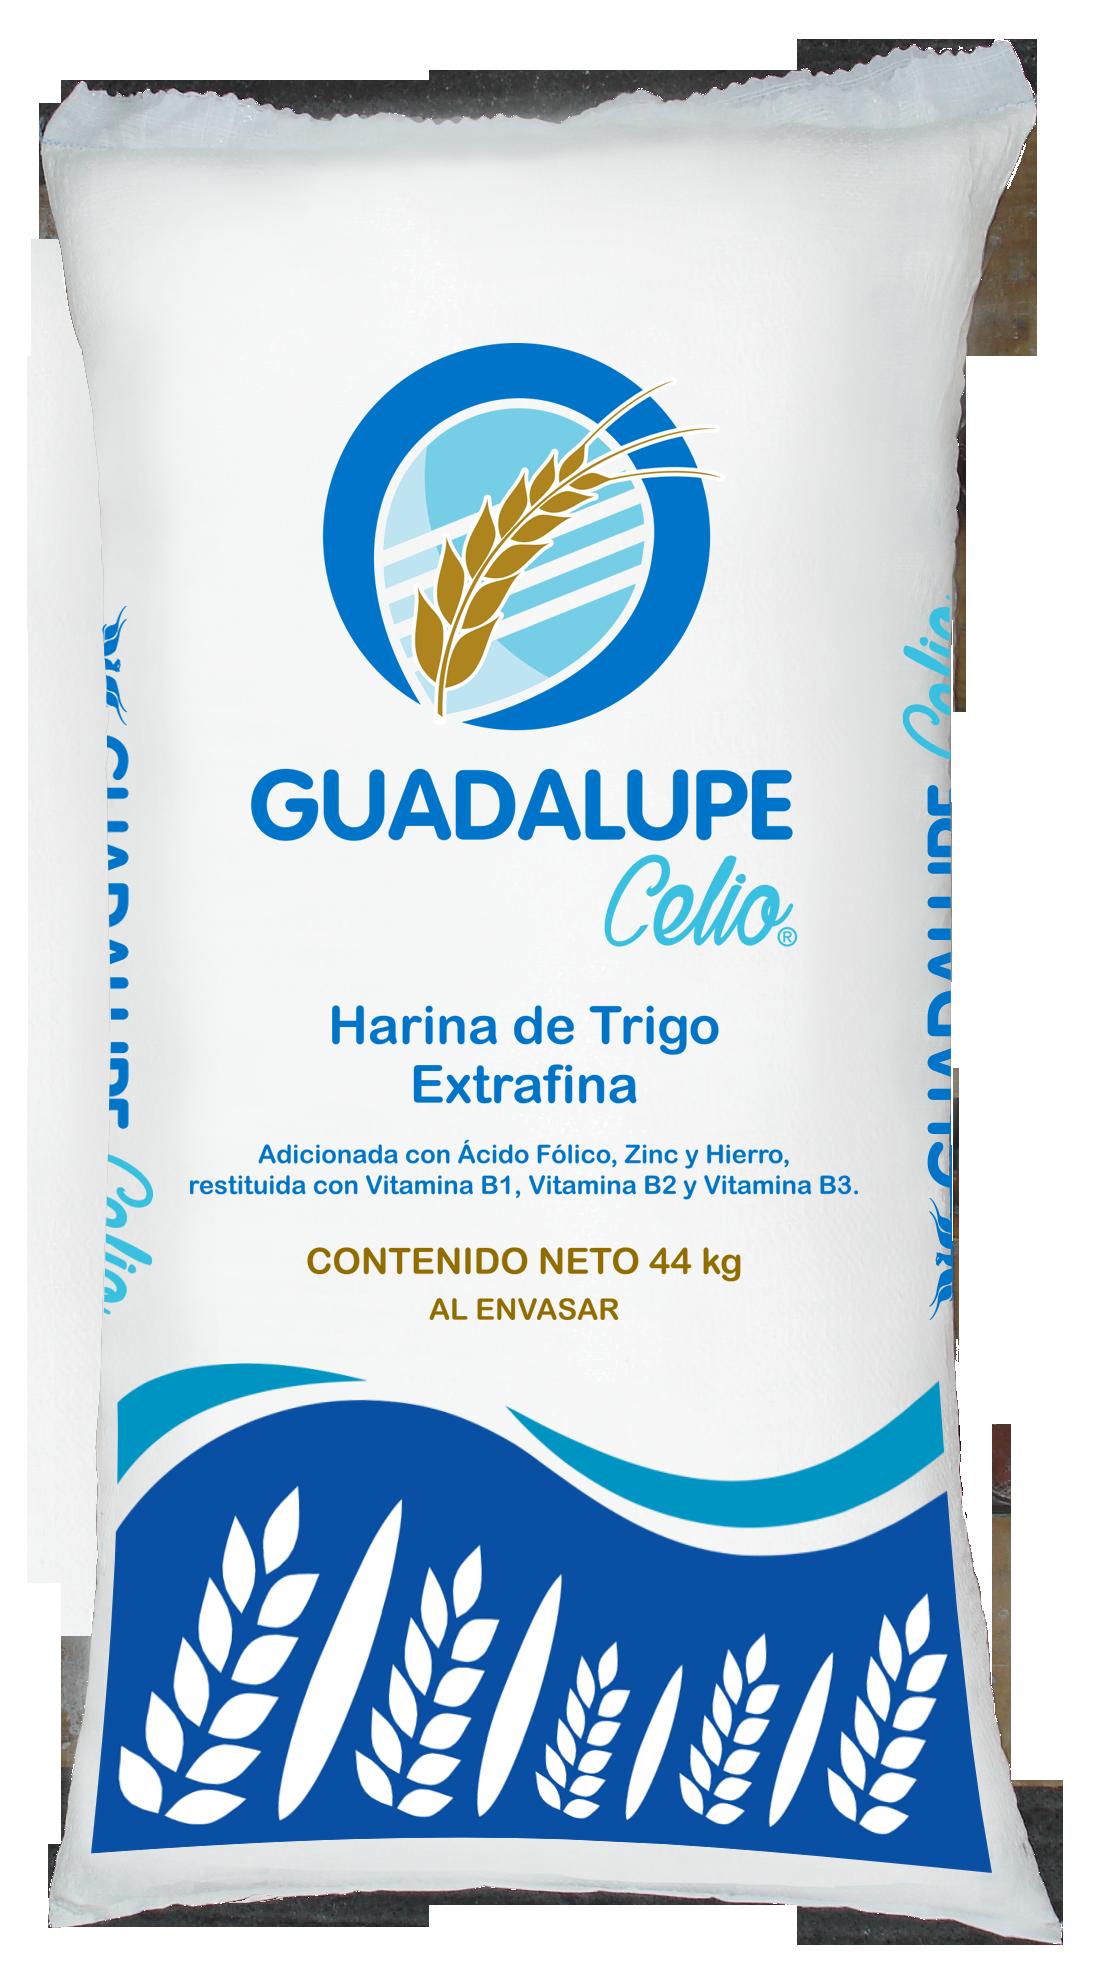 Presentaciones de Harina de Trigo Guadalupe Celio